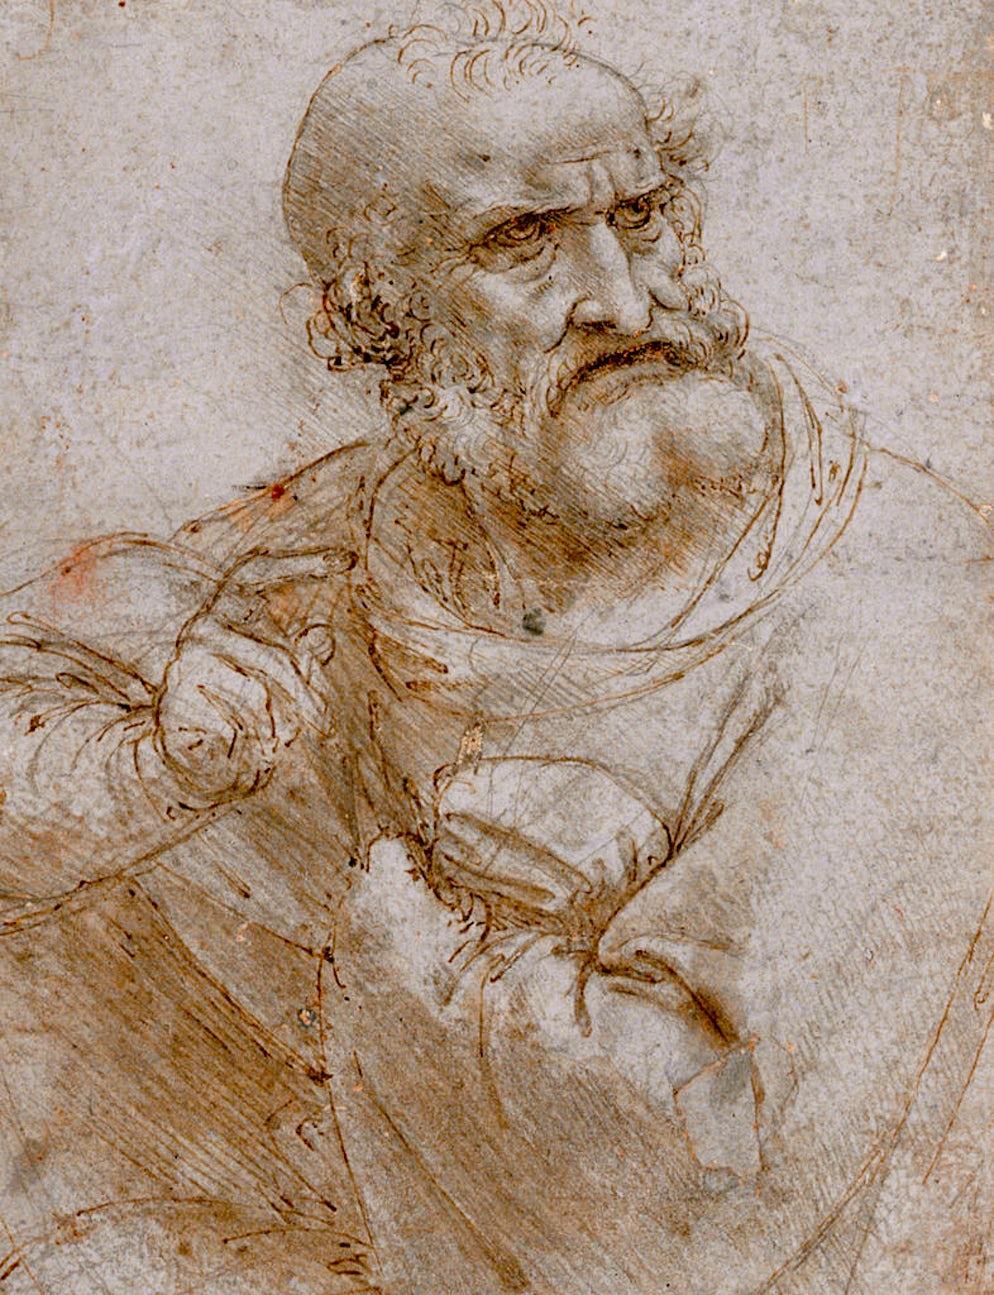 Picture © Credits to Wikipedia / Leonardo da Vinci - Albertina